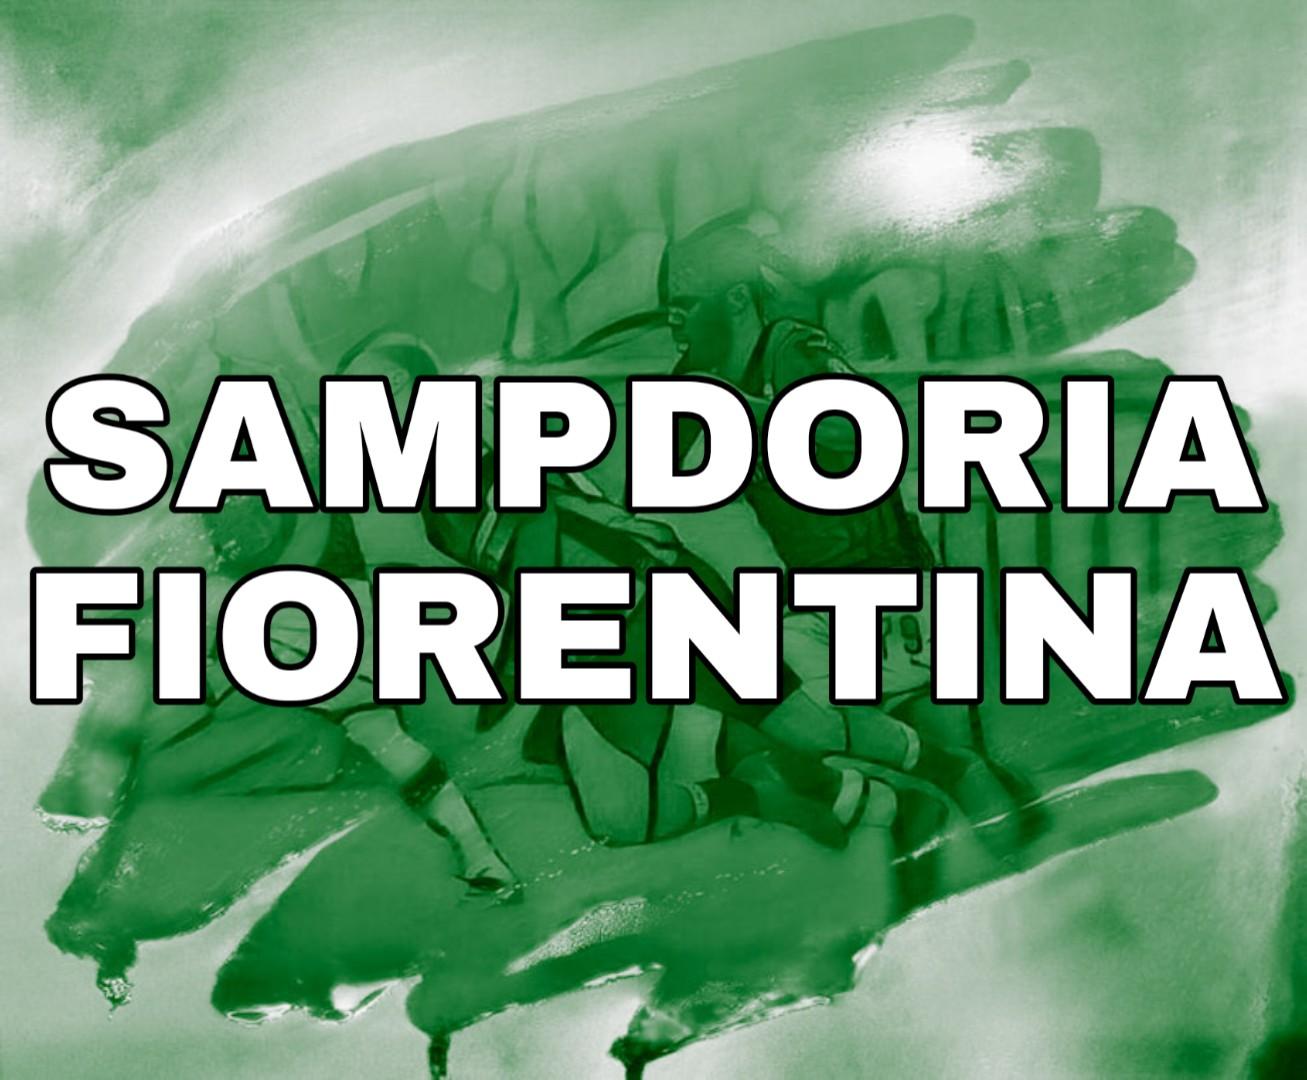 Sampdoria Fiorentina fantacalcio